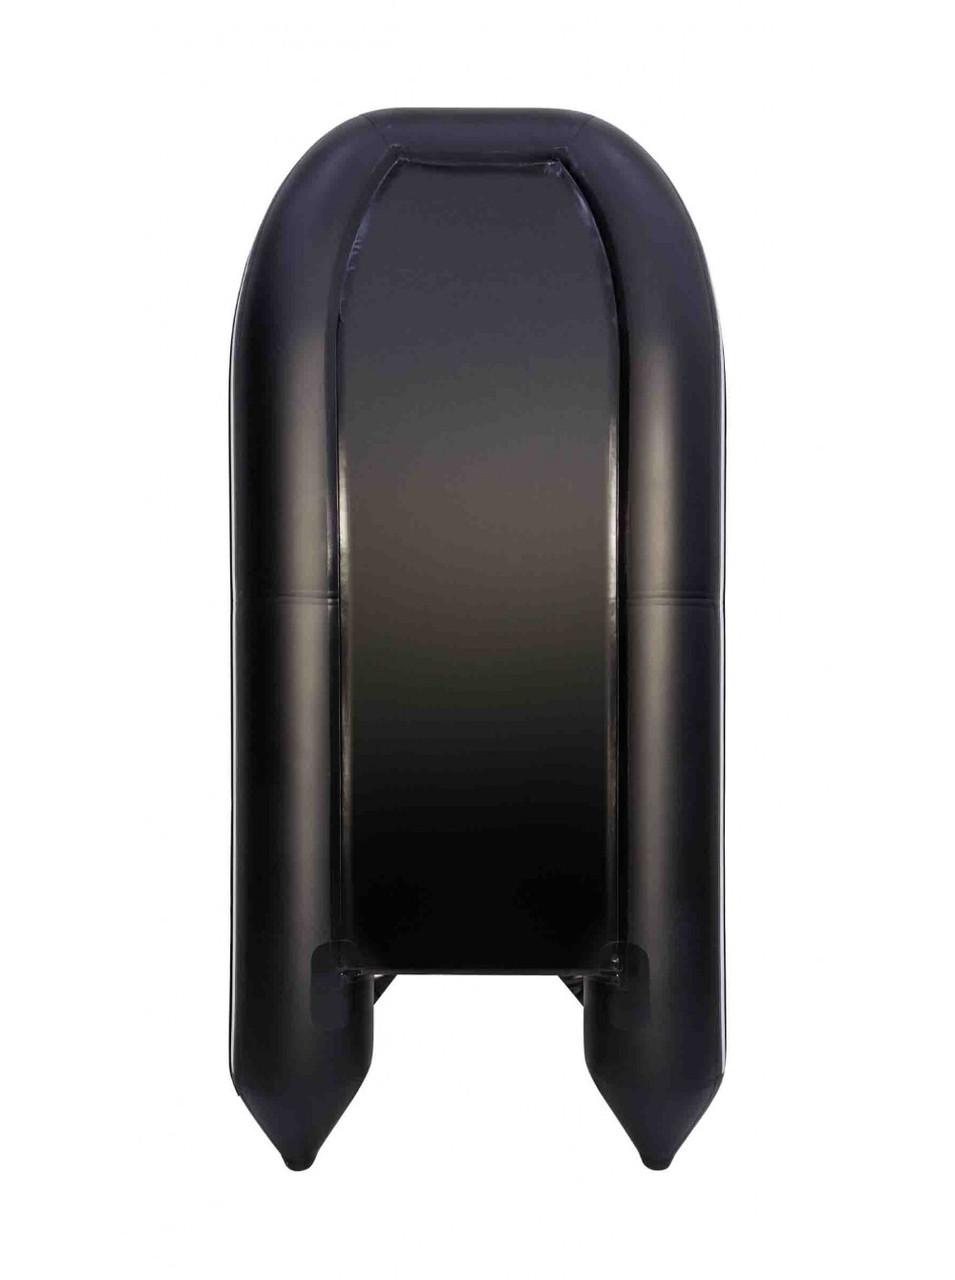 Лодка надувная моторно-гребная плоскодонная Ривьера Компакт 3200 С, Грузоподъемность: 500кг, Вместимость: 3 че